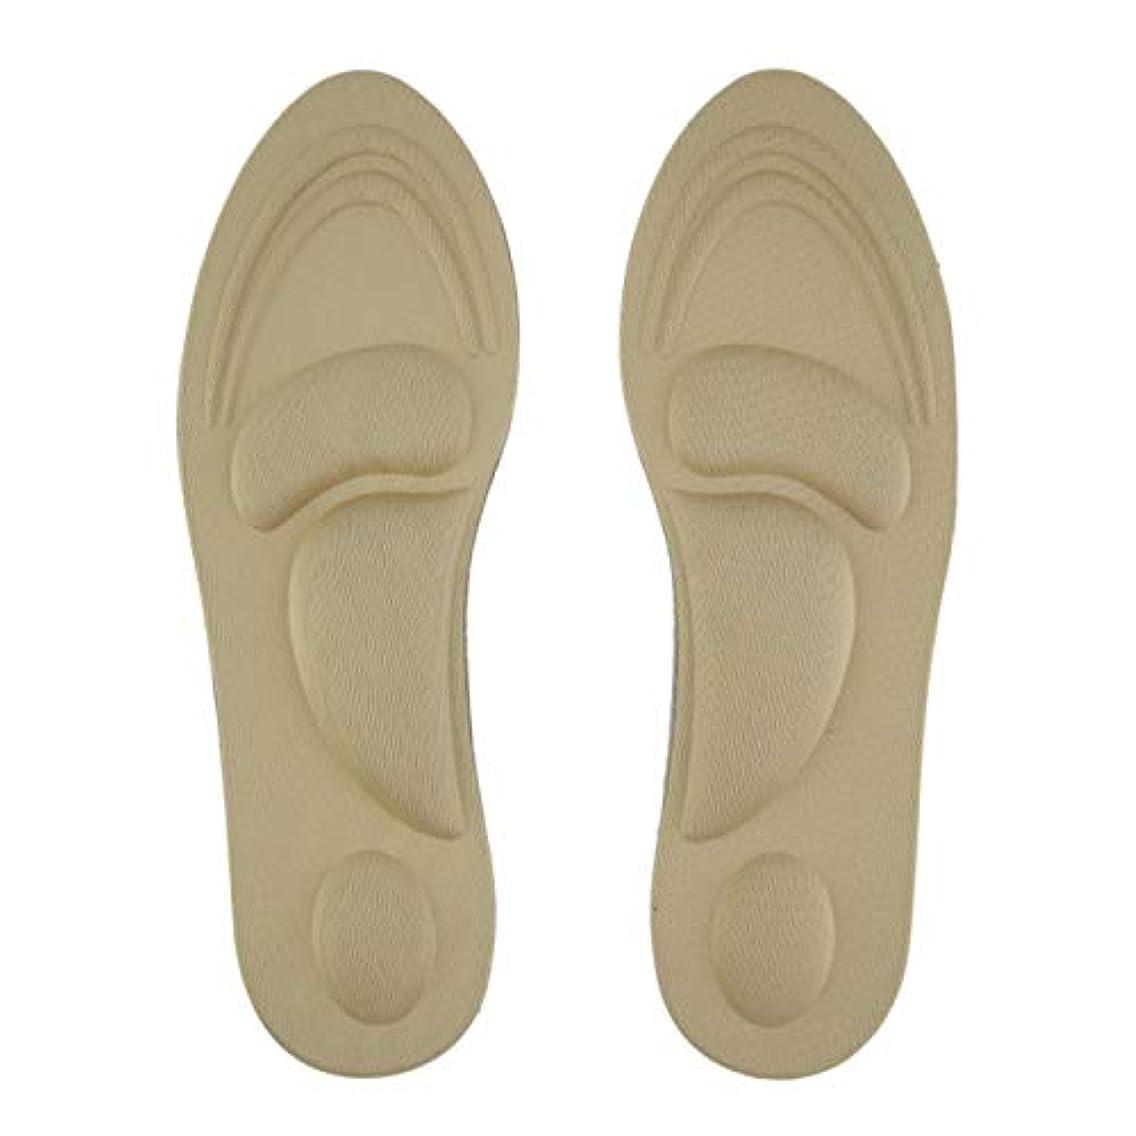 むしろ消すドナウ川DeeploveUU 女性足ケアマッサージハイヒールスポンジ3D靴のインソールクッションパッドDIY切削スポーツアーチサポート矯正